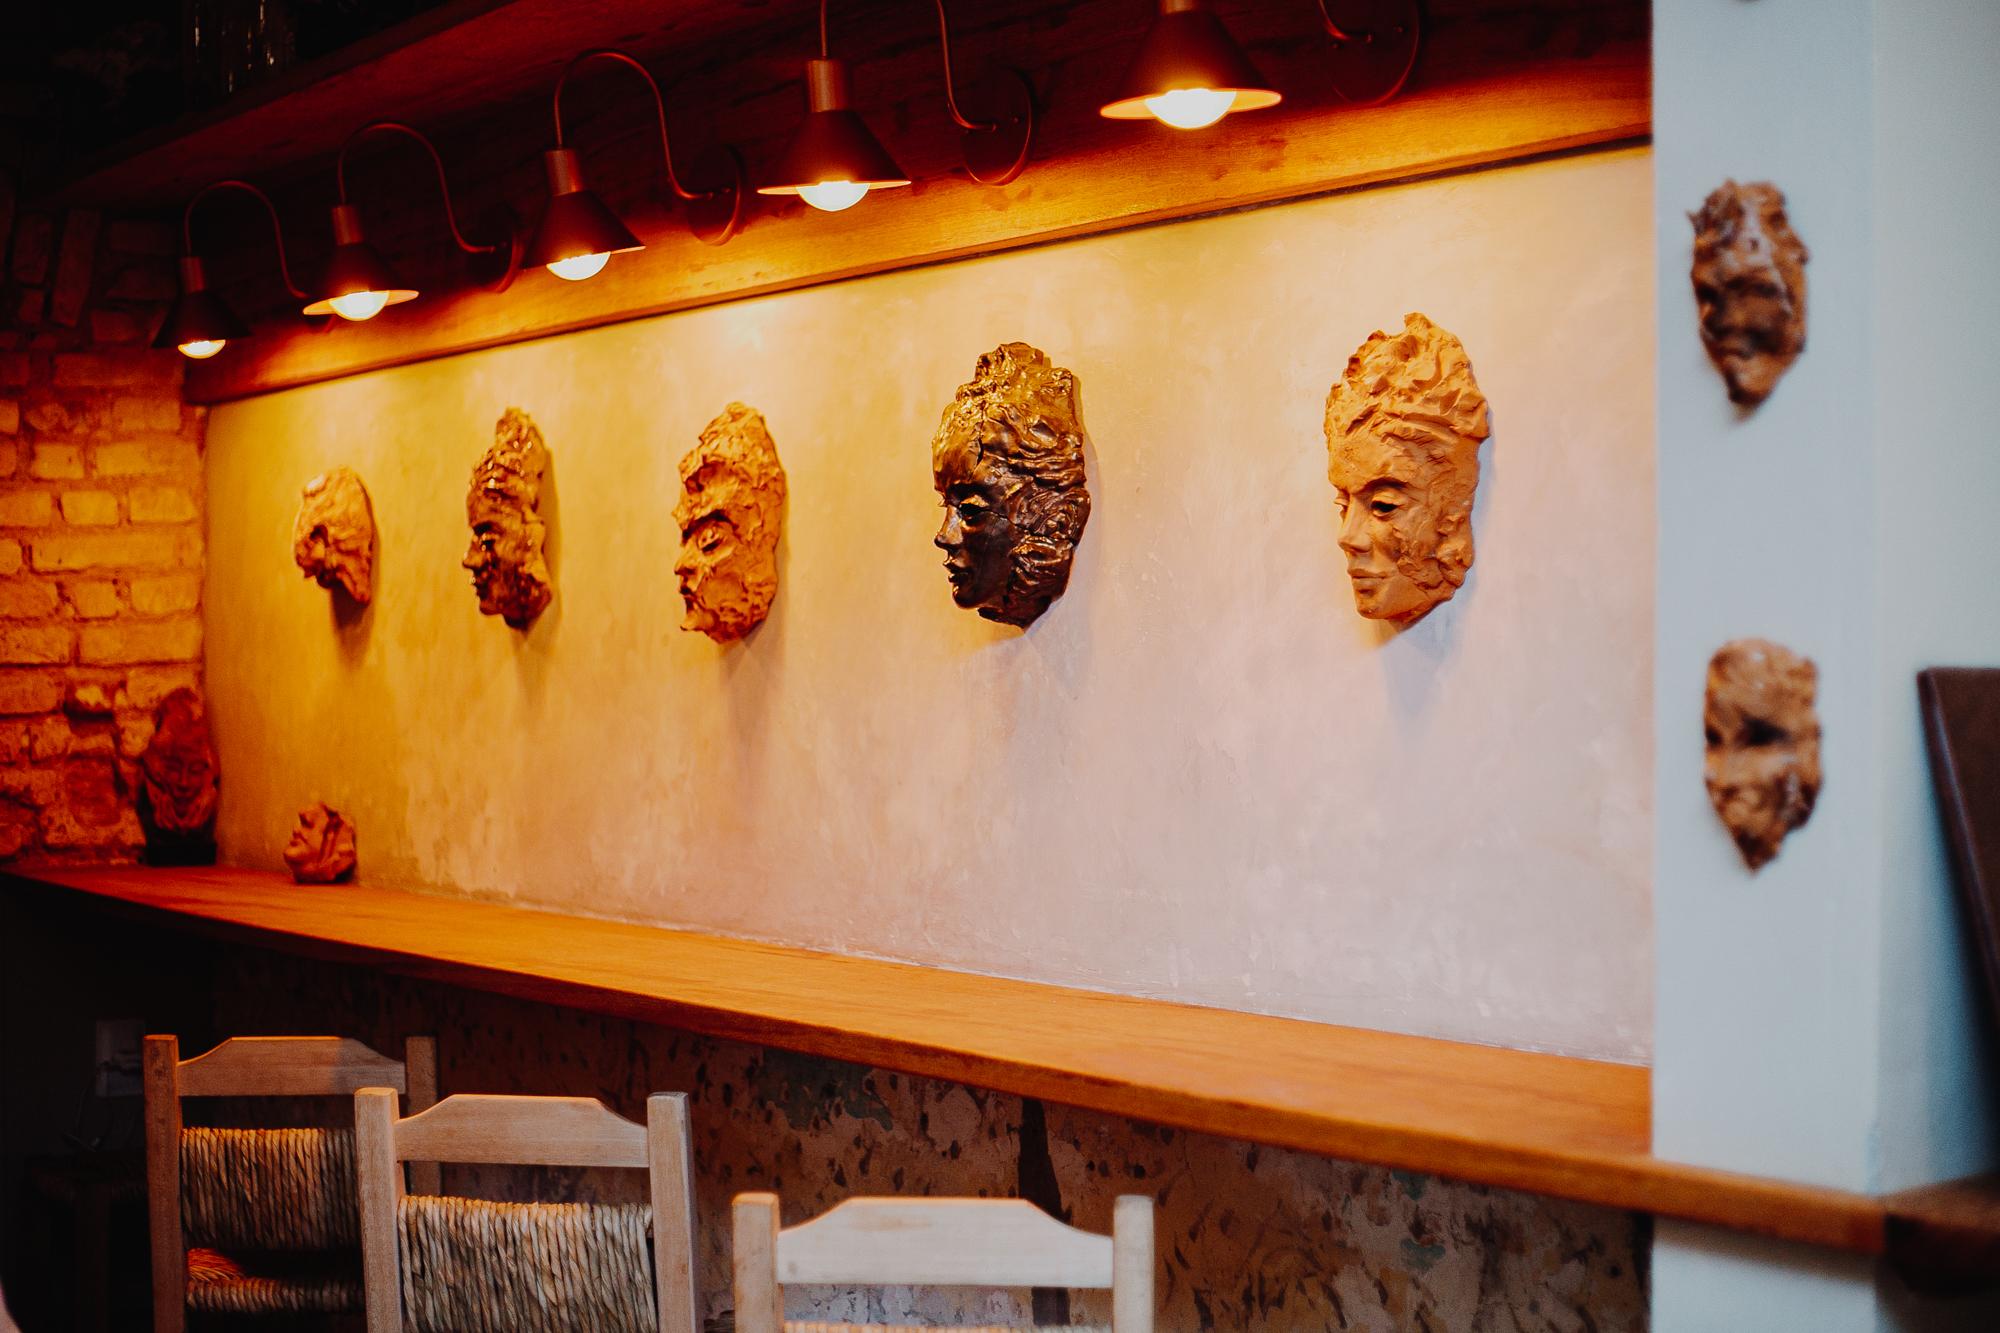 Franklin Bar de Florianópolis lança galeria com obras do artista Thiago Valdi